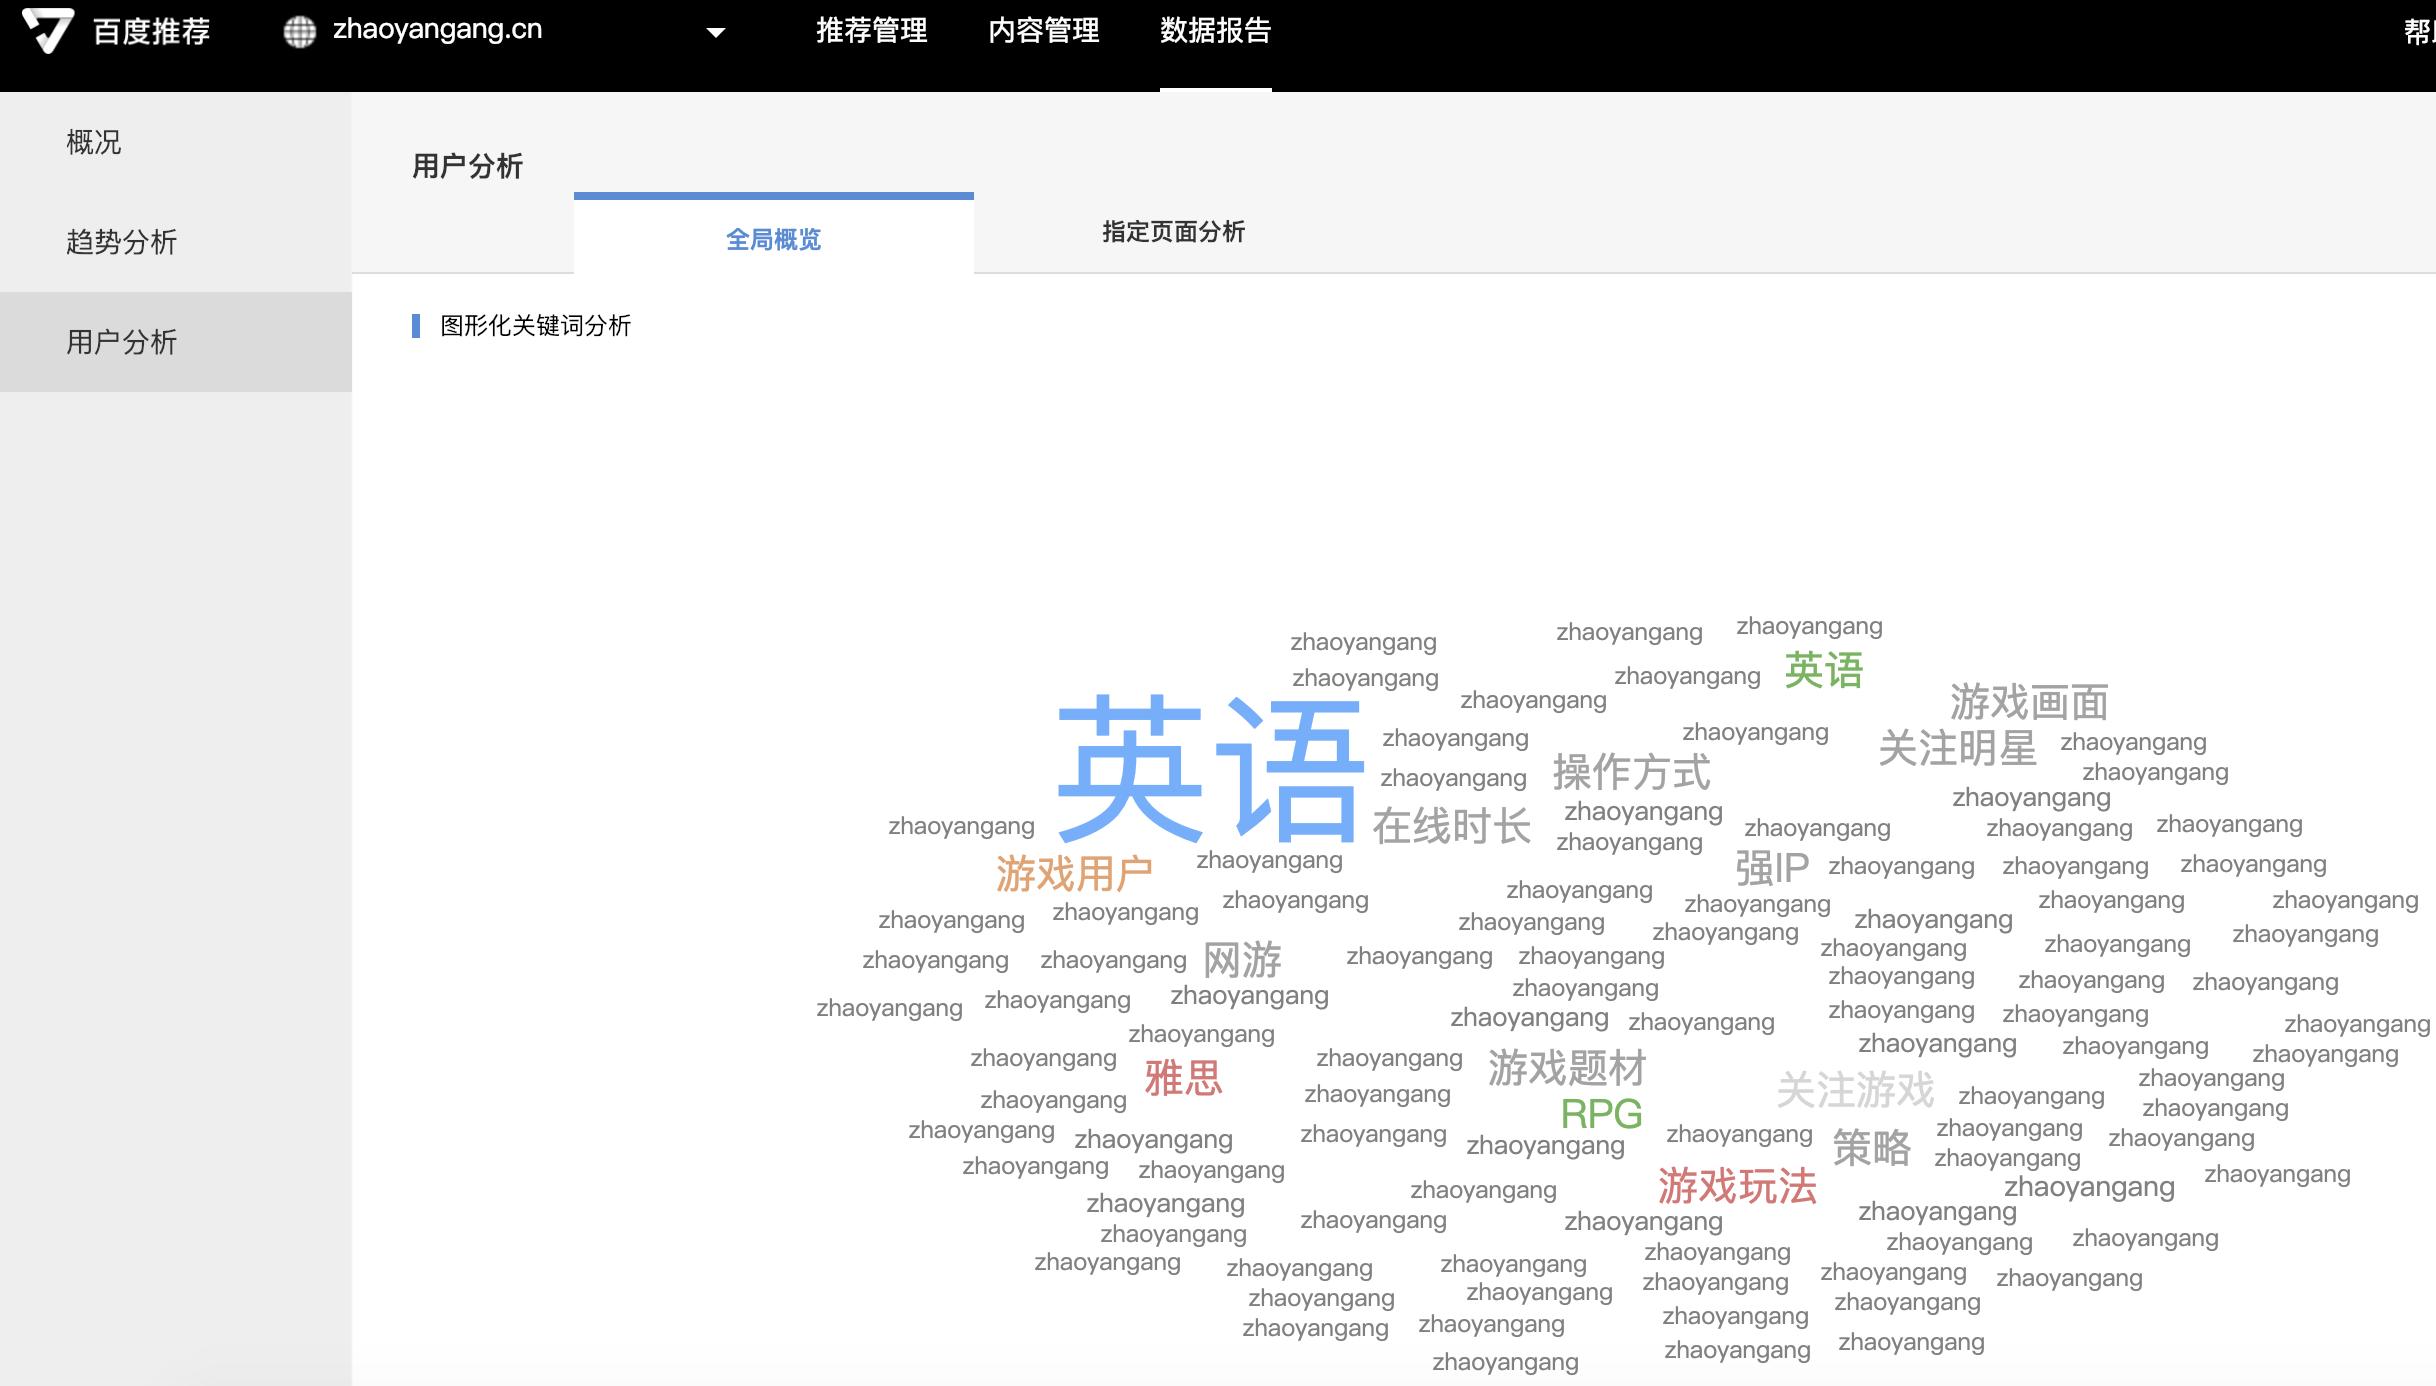 百度推荐-用户分析的分析概况